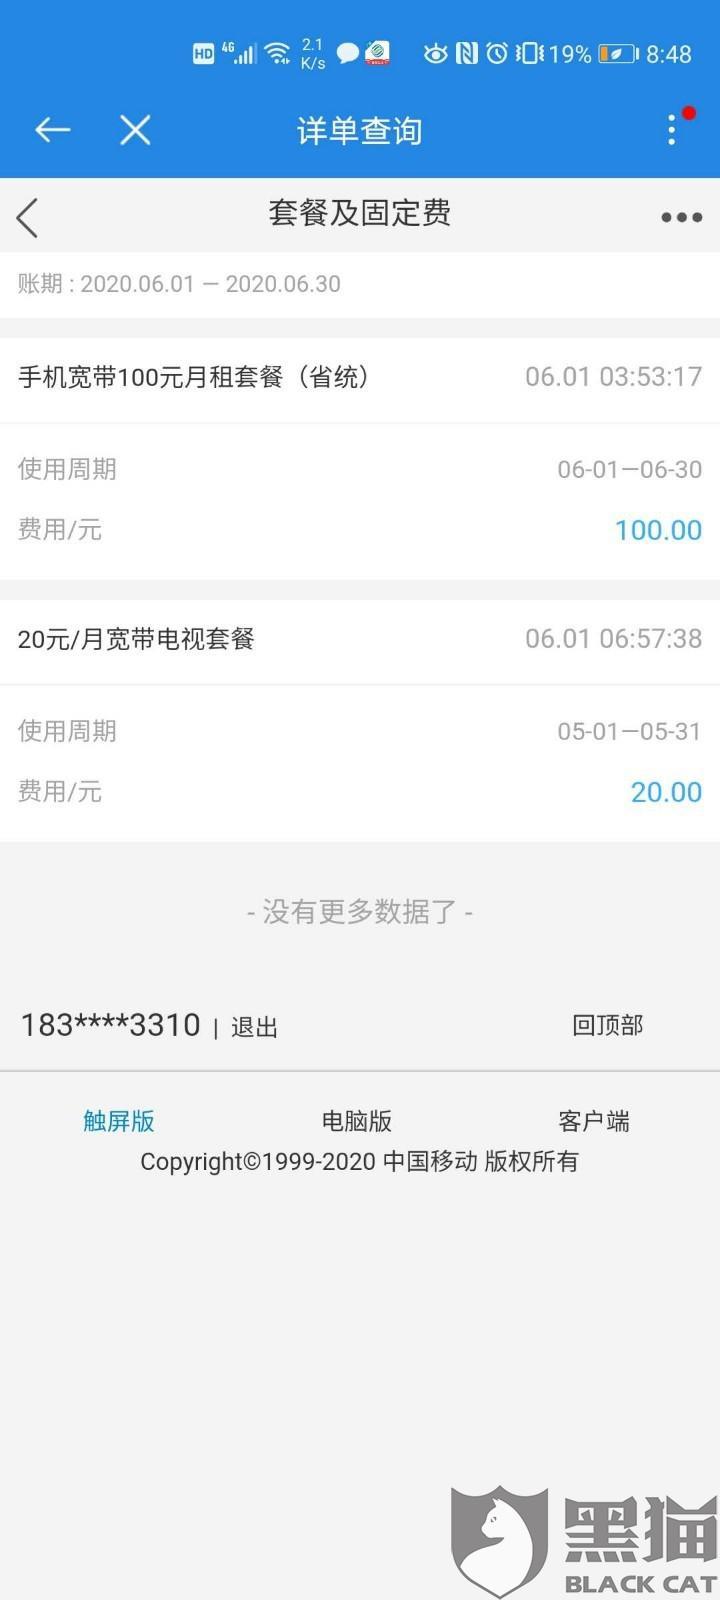 黑猫投诉:中国移动宽带到期后未经确认自动扣费